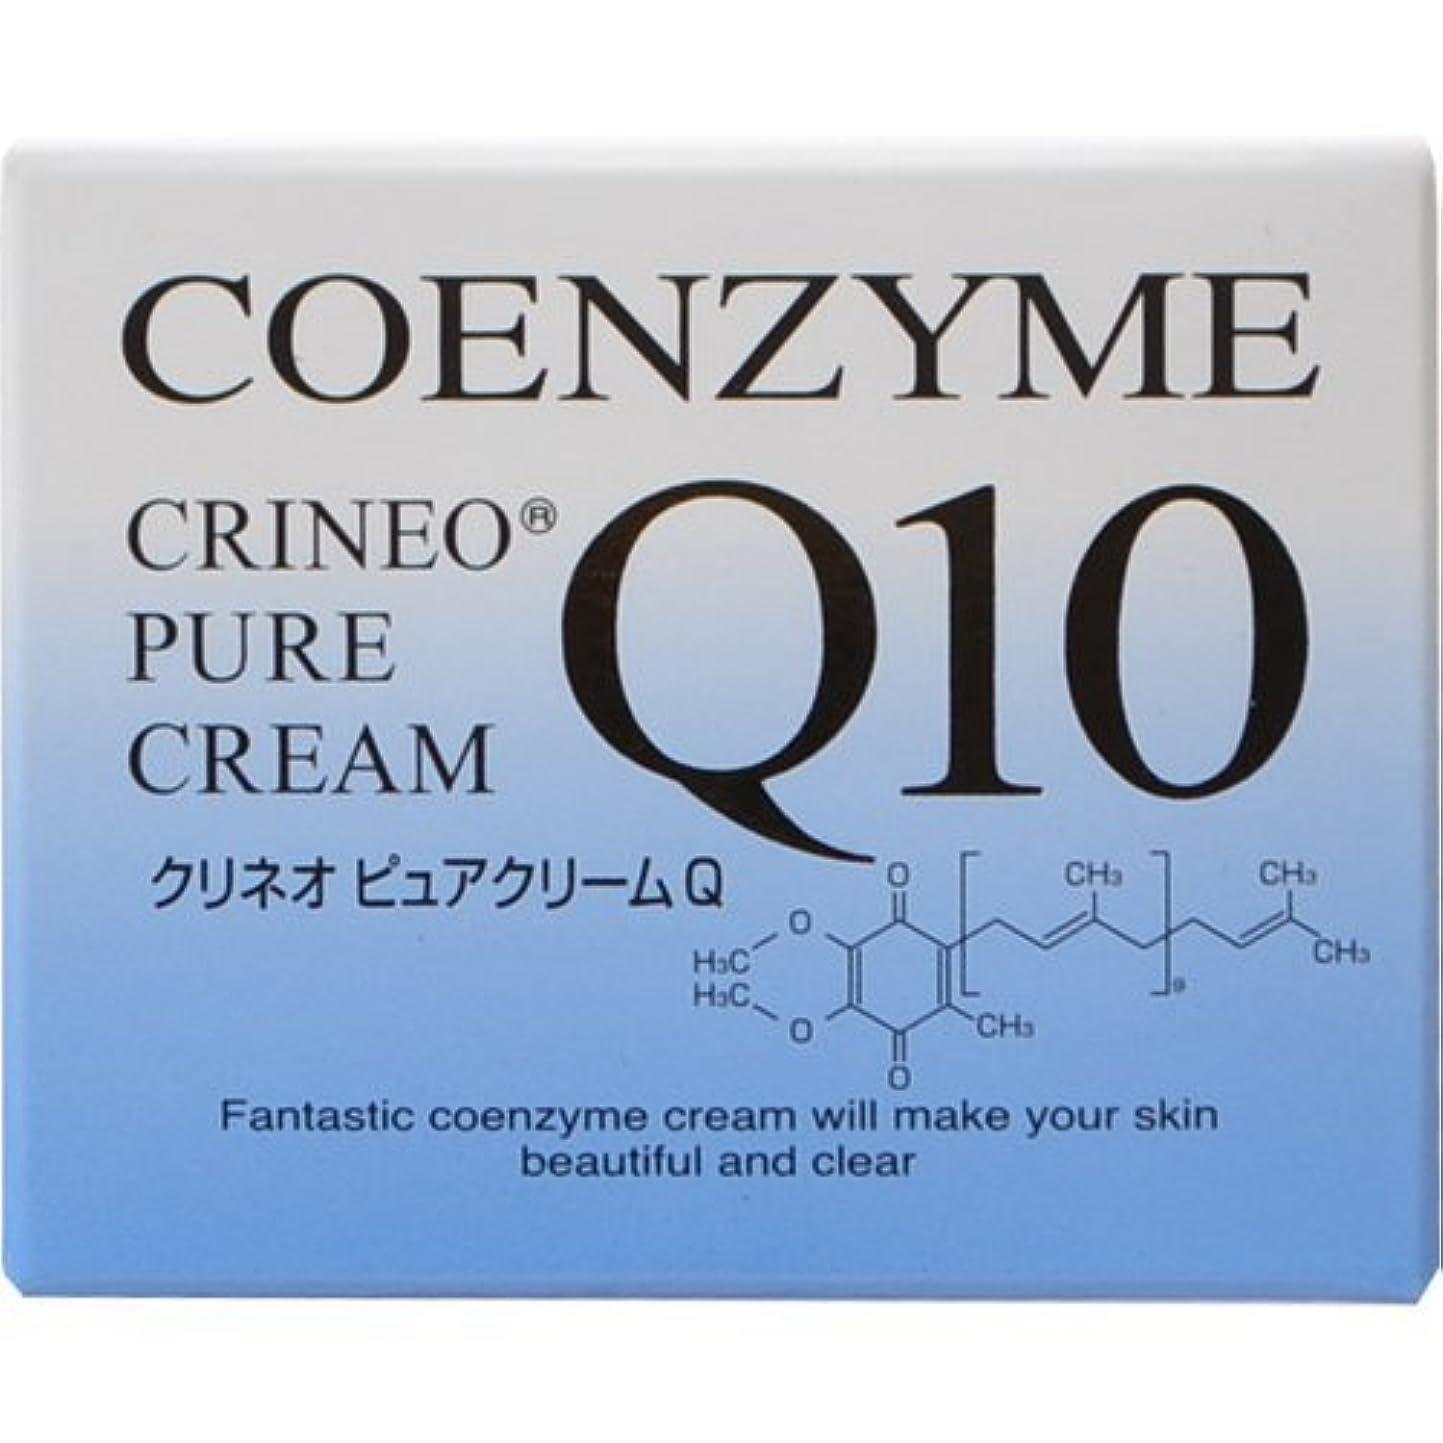 共和党形成キルスクリネオ ピュアクリームQ コエンザイムQ10を配合した浸透型の保湿クリーム